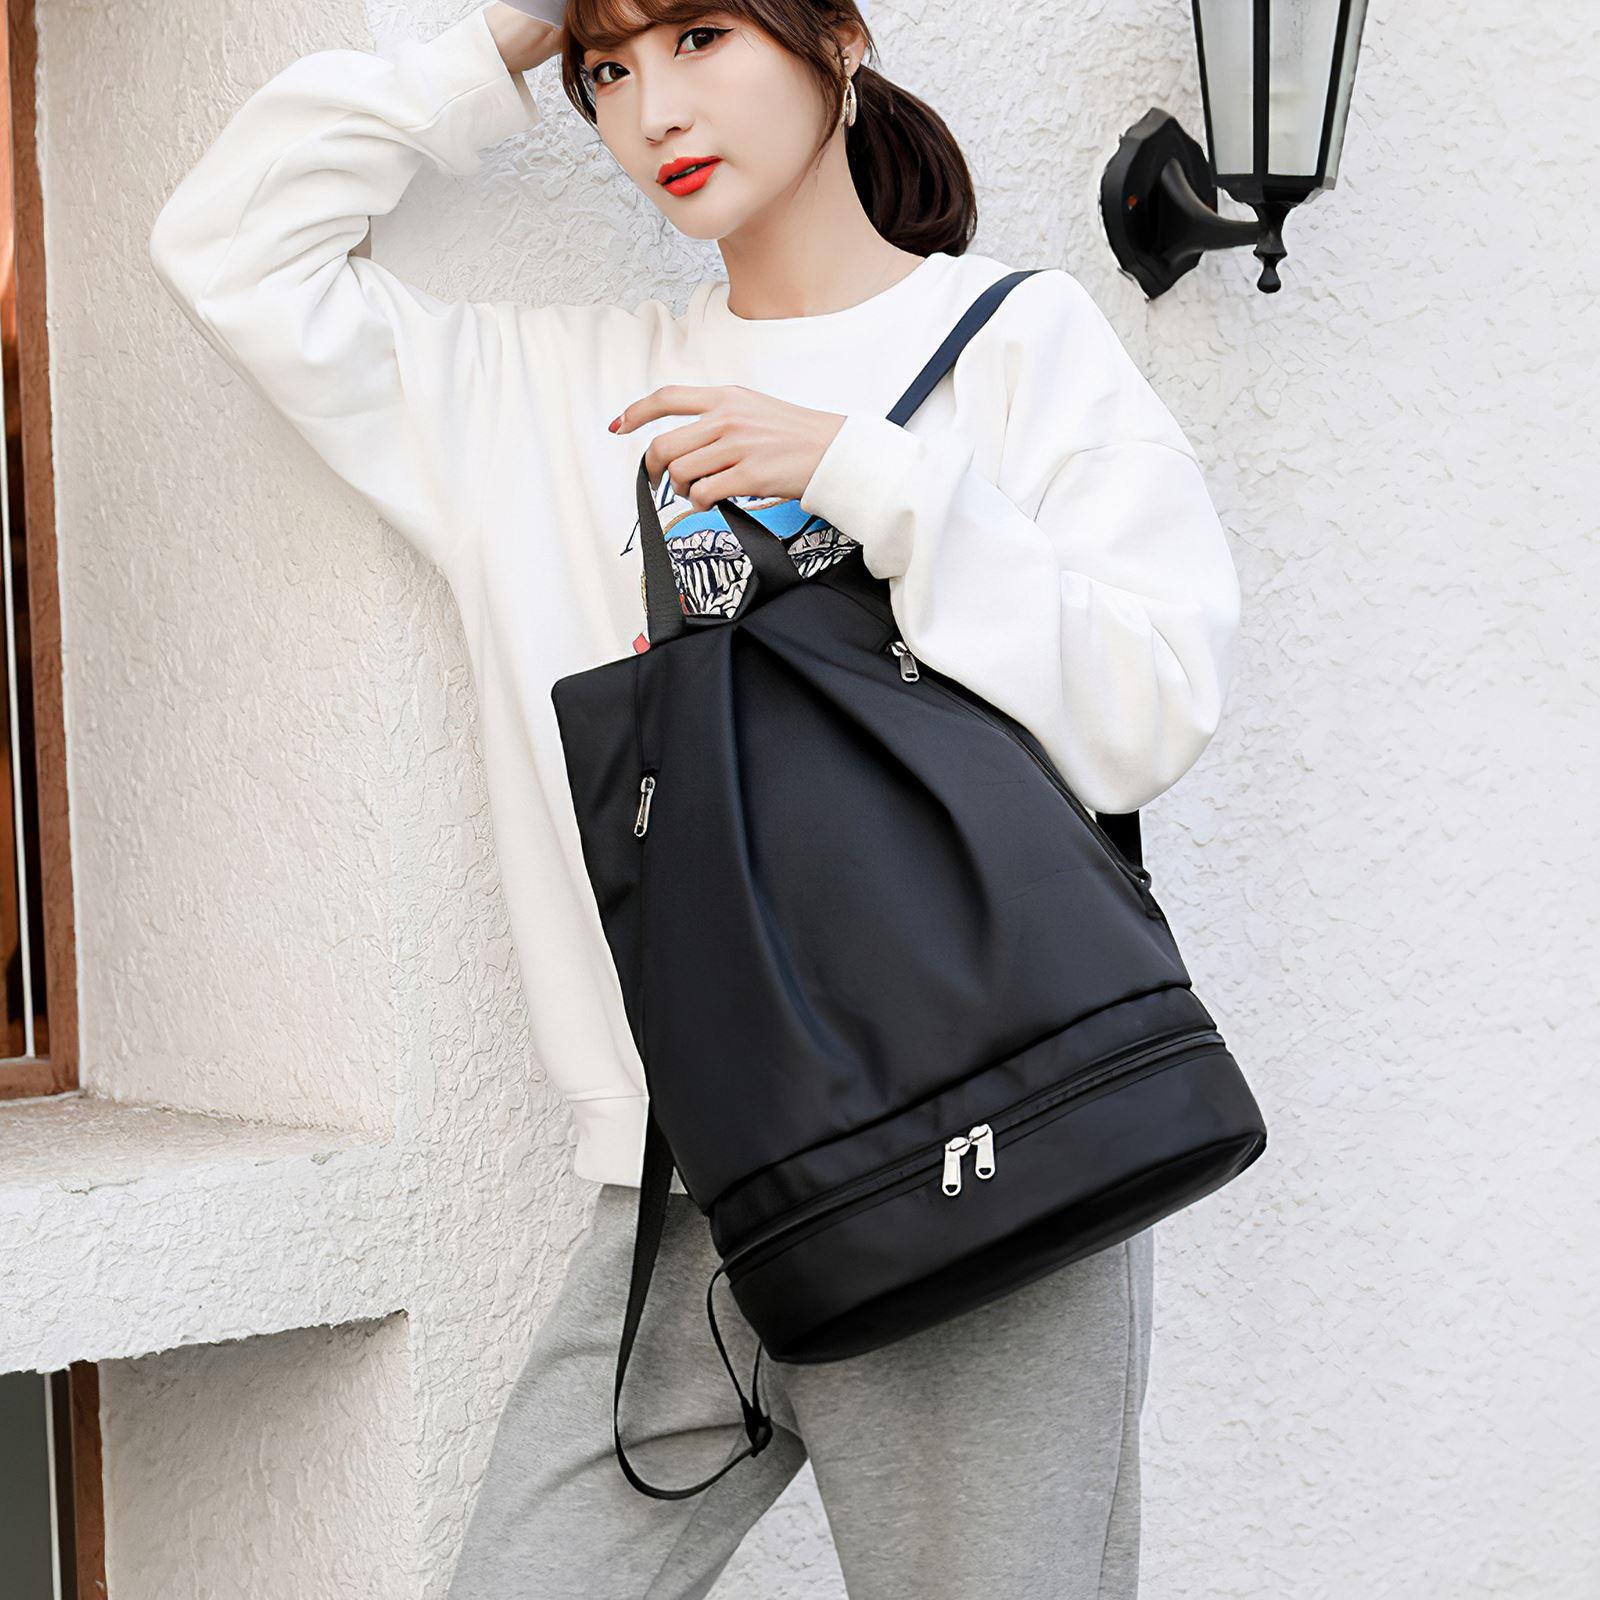 2021 New Fitness Bag Female Waterproof Beach Storage Bag Outdoor Swimming Bag Waterproof Backpack Bucket Dry Bag Travel Pack